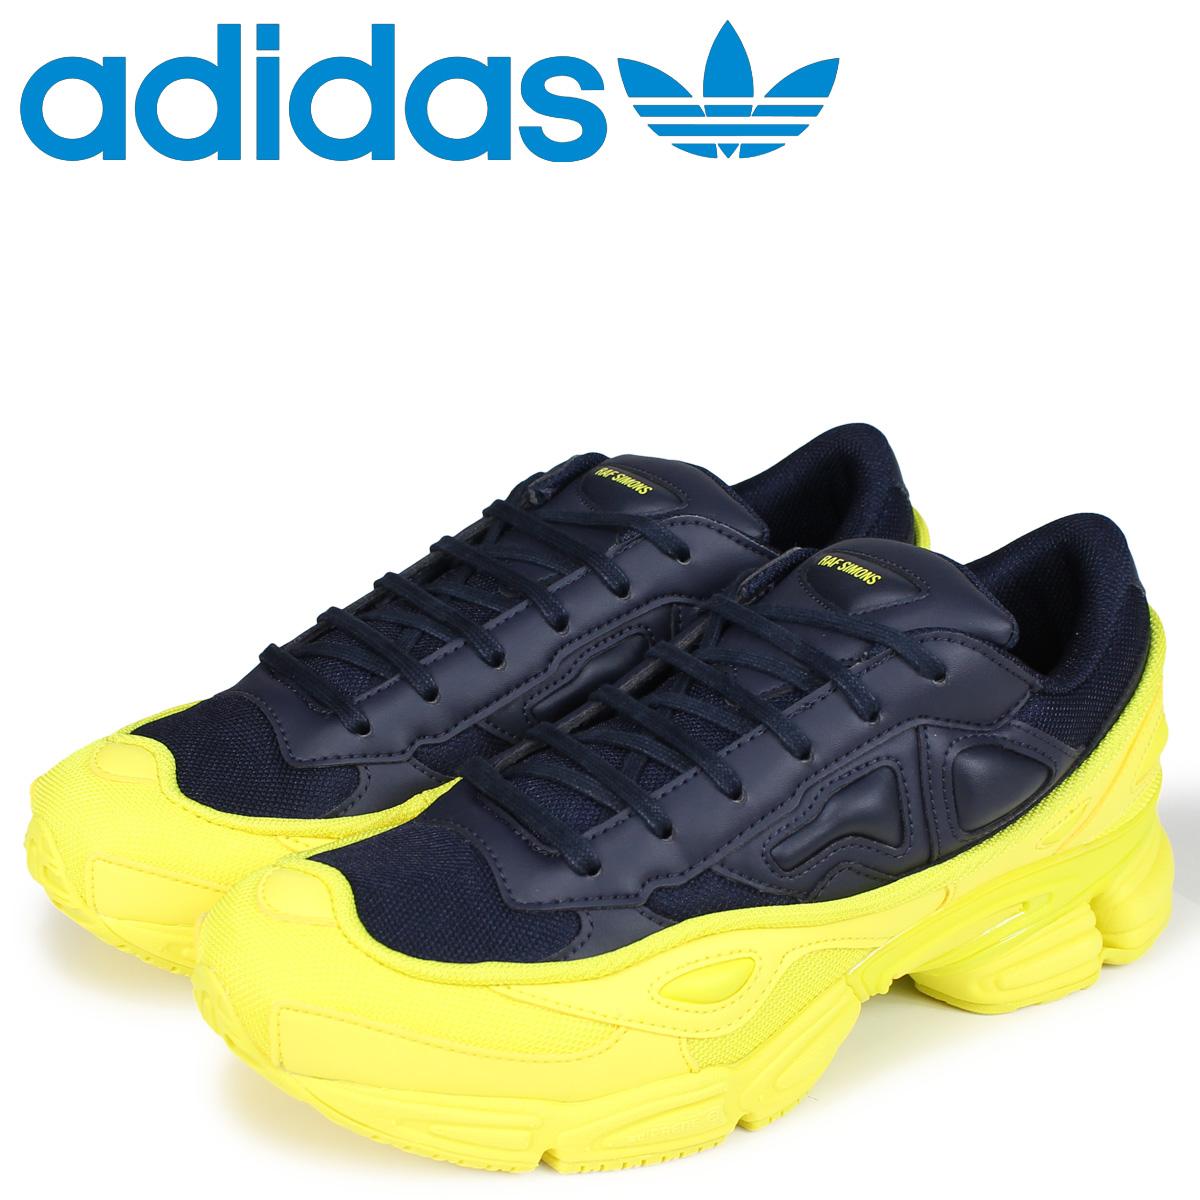 adidas Originals ラフシモンズ アディダス オリジナルス スニーカー RAF SIMONS オズウィーゴー RSOZWEEGO メンズ F34267 イエロー [10/15 新入荷]